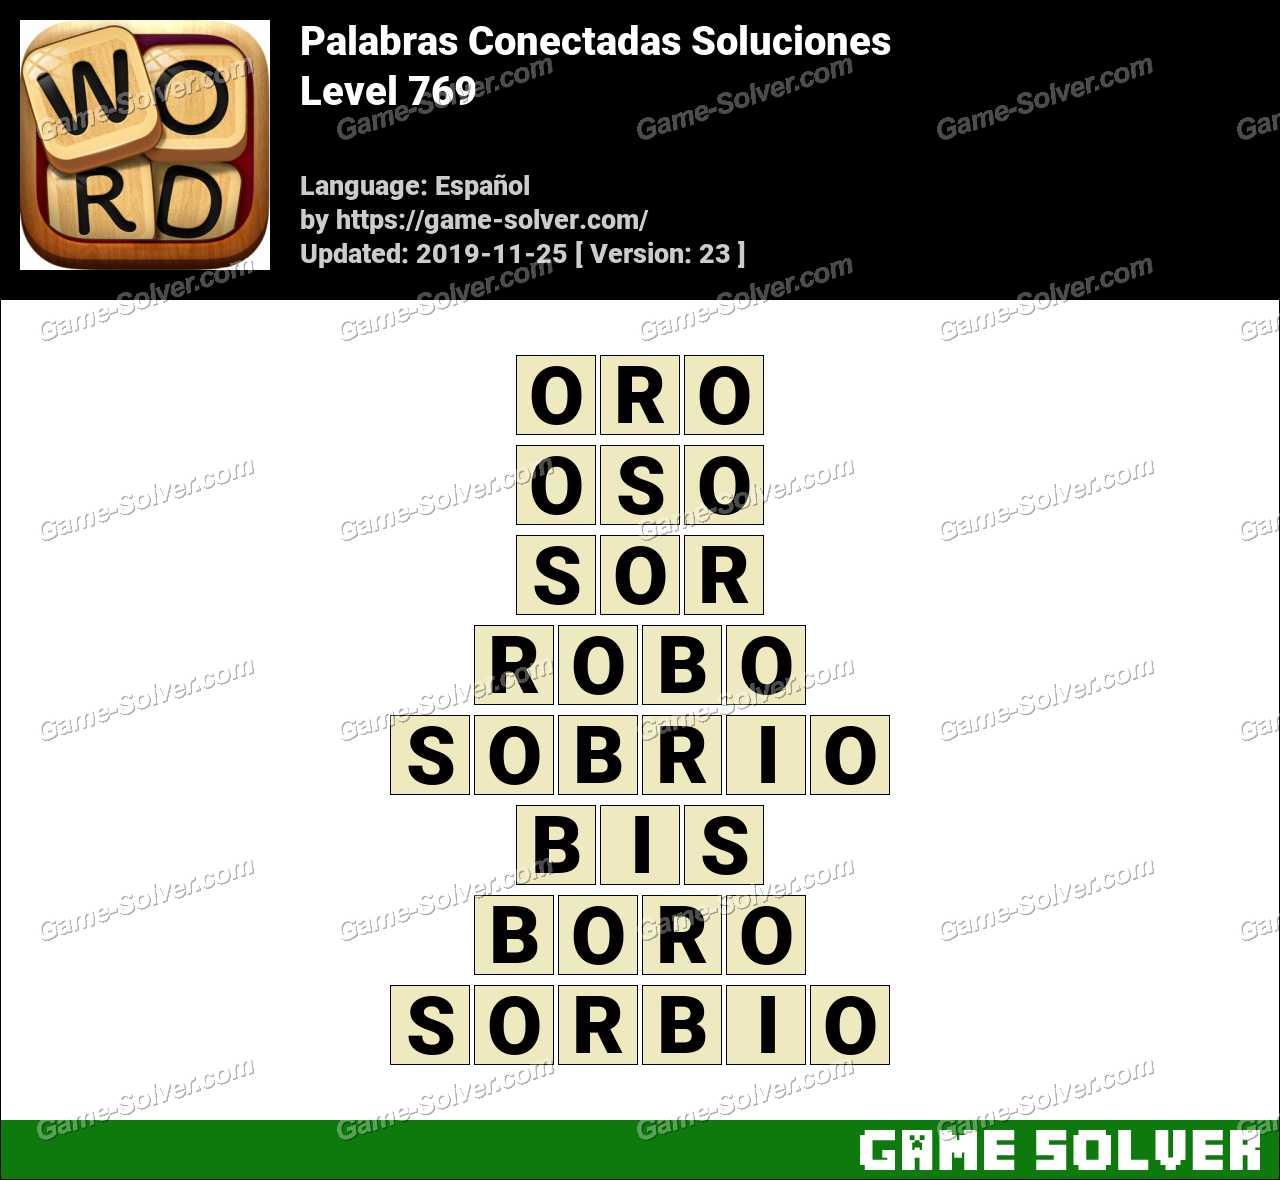 Palabras Conectadas Nivel 769 Soluciones